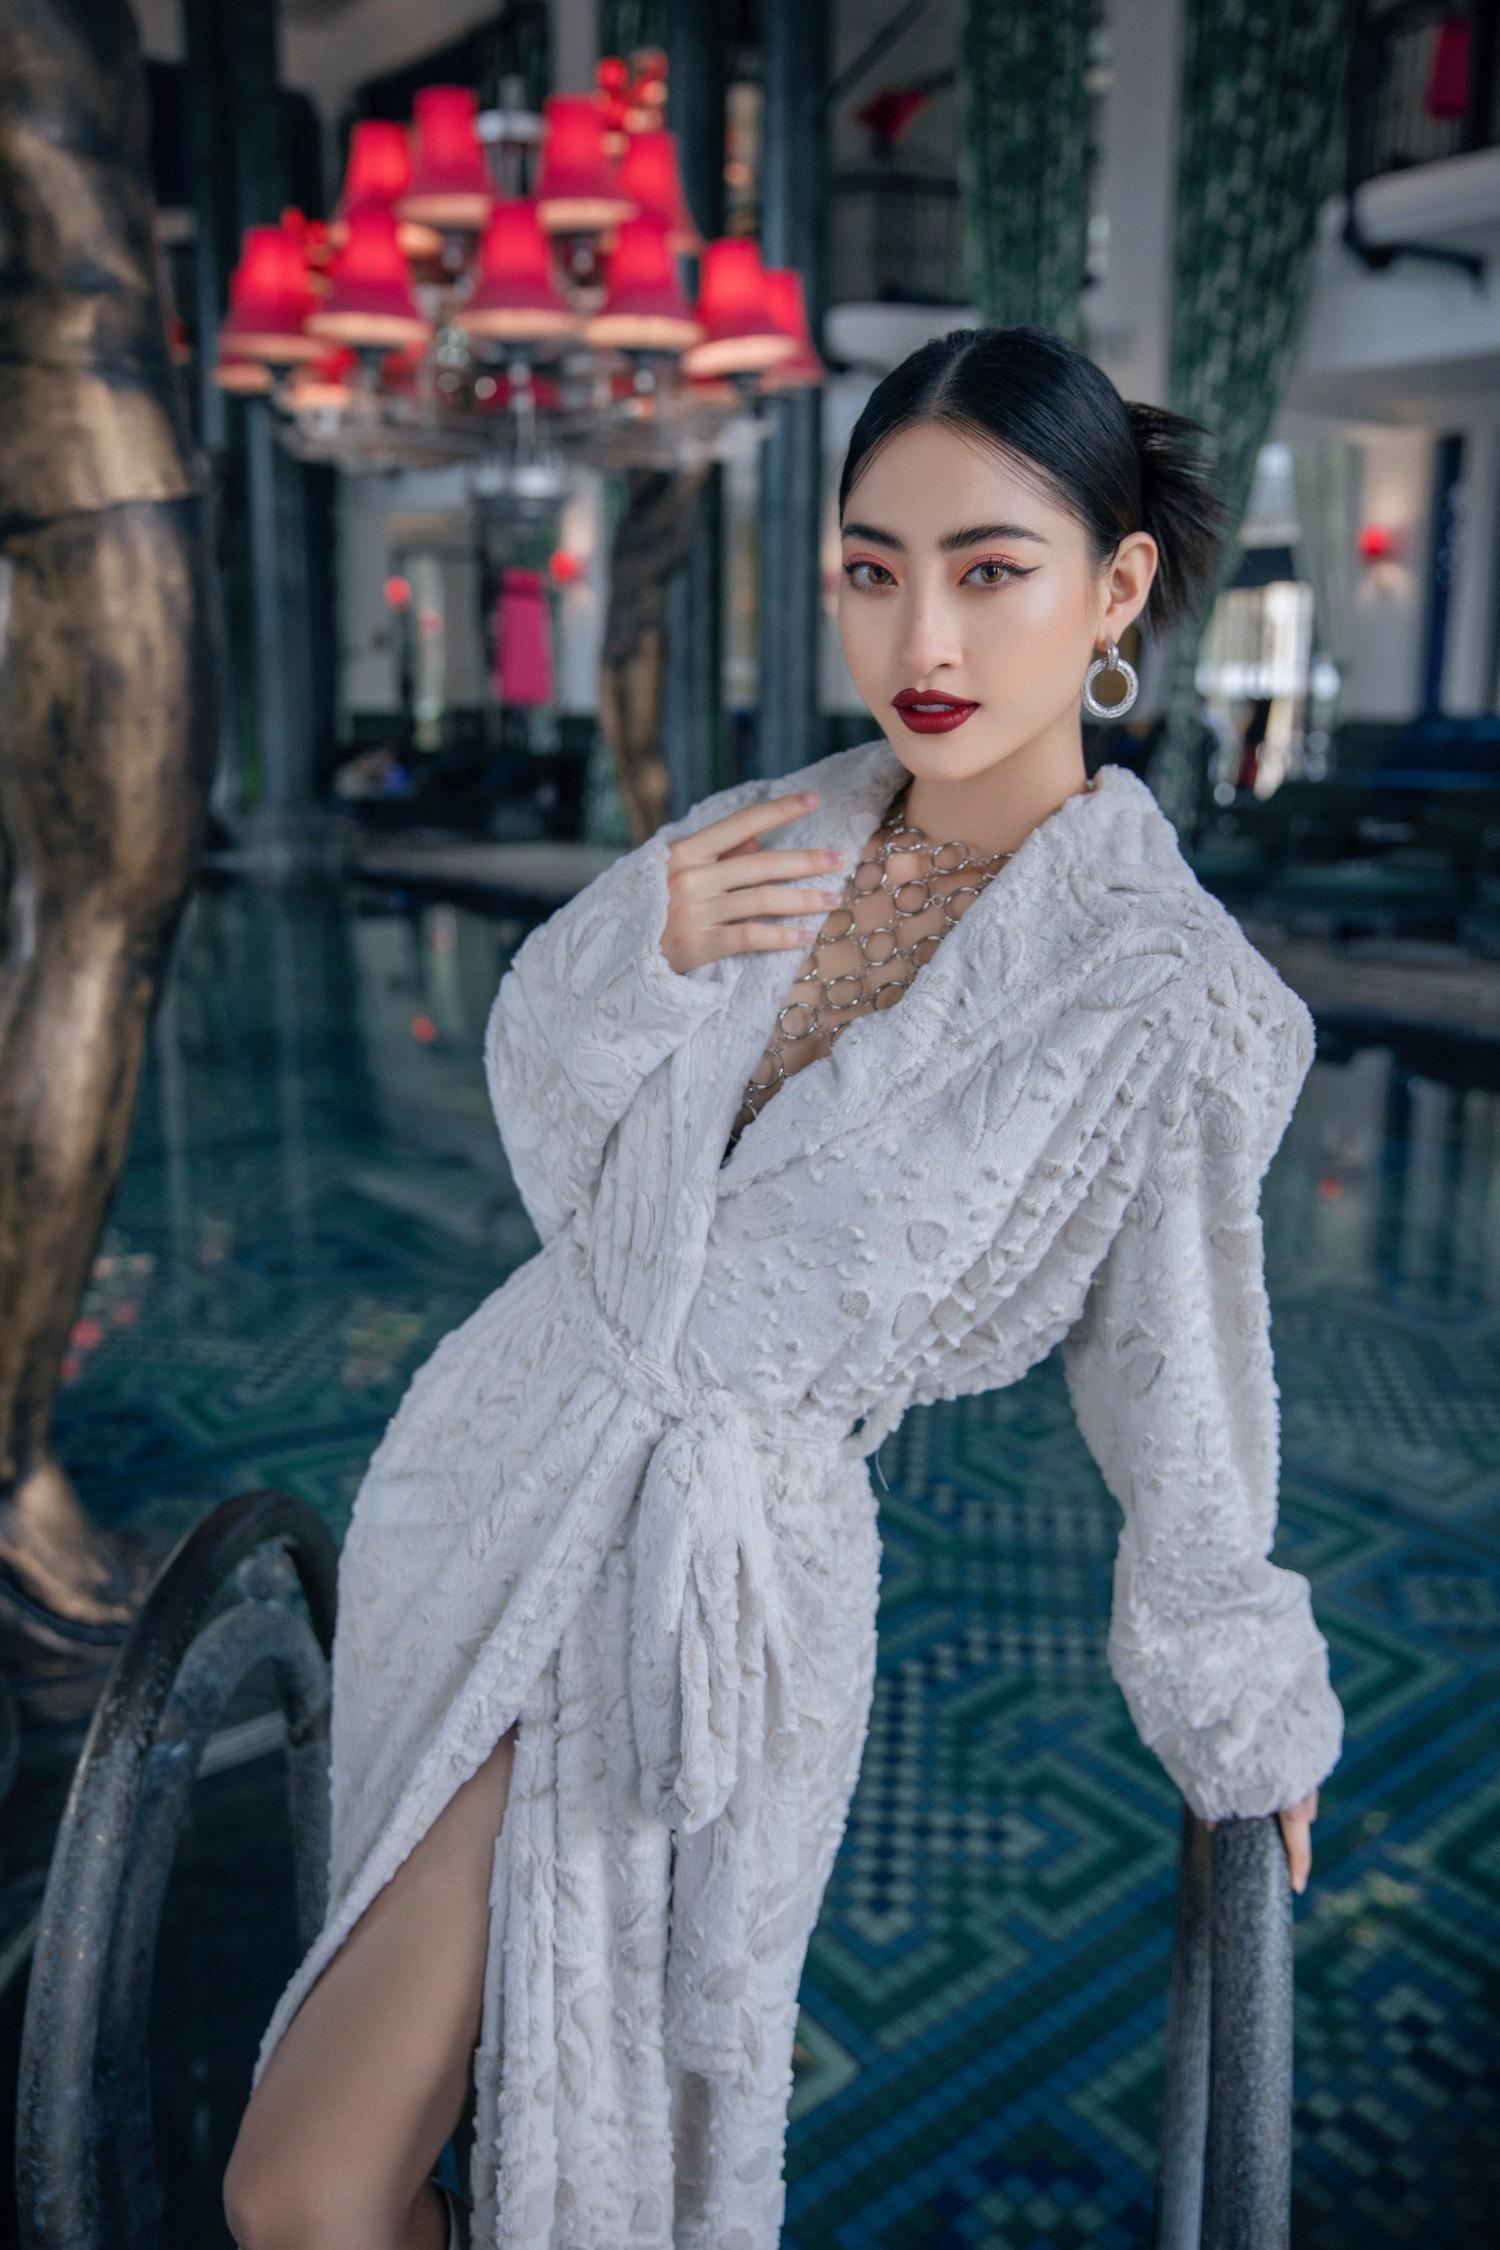 Hoa hậu Lương Thùy Linh ngày càng lột xác sau 6 tháng đăng quang Ảnh 7